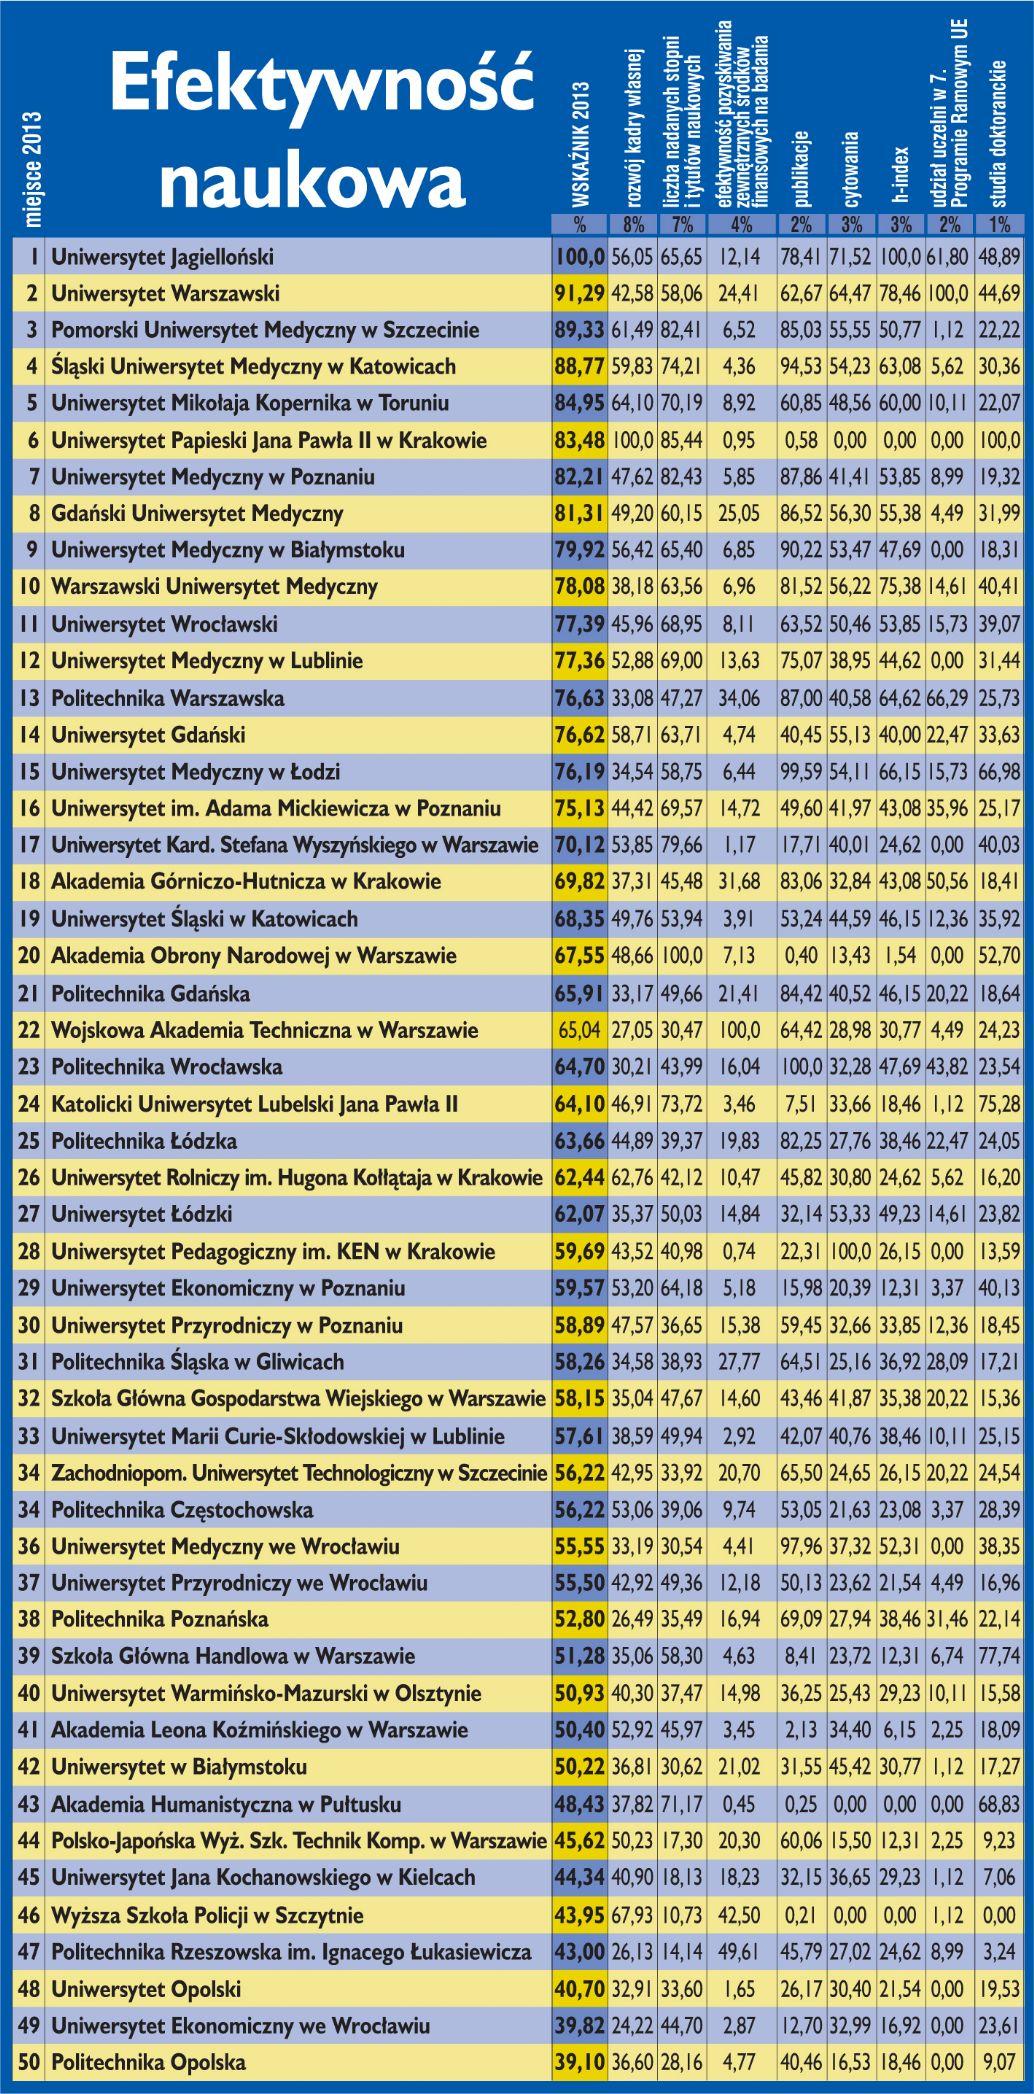 Ranking uczelni wg efektywności naukowej